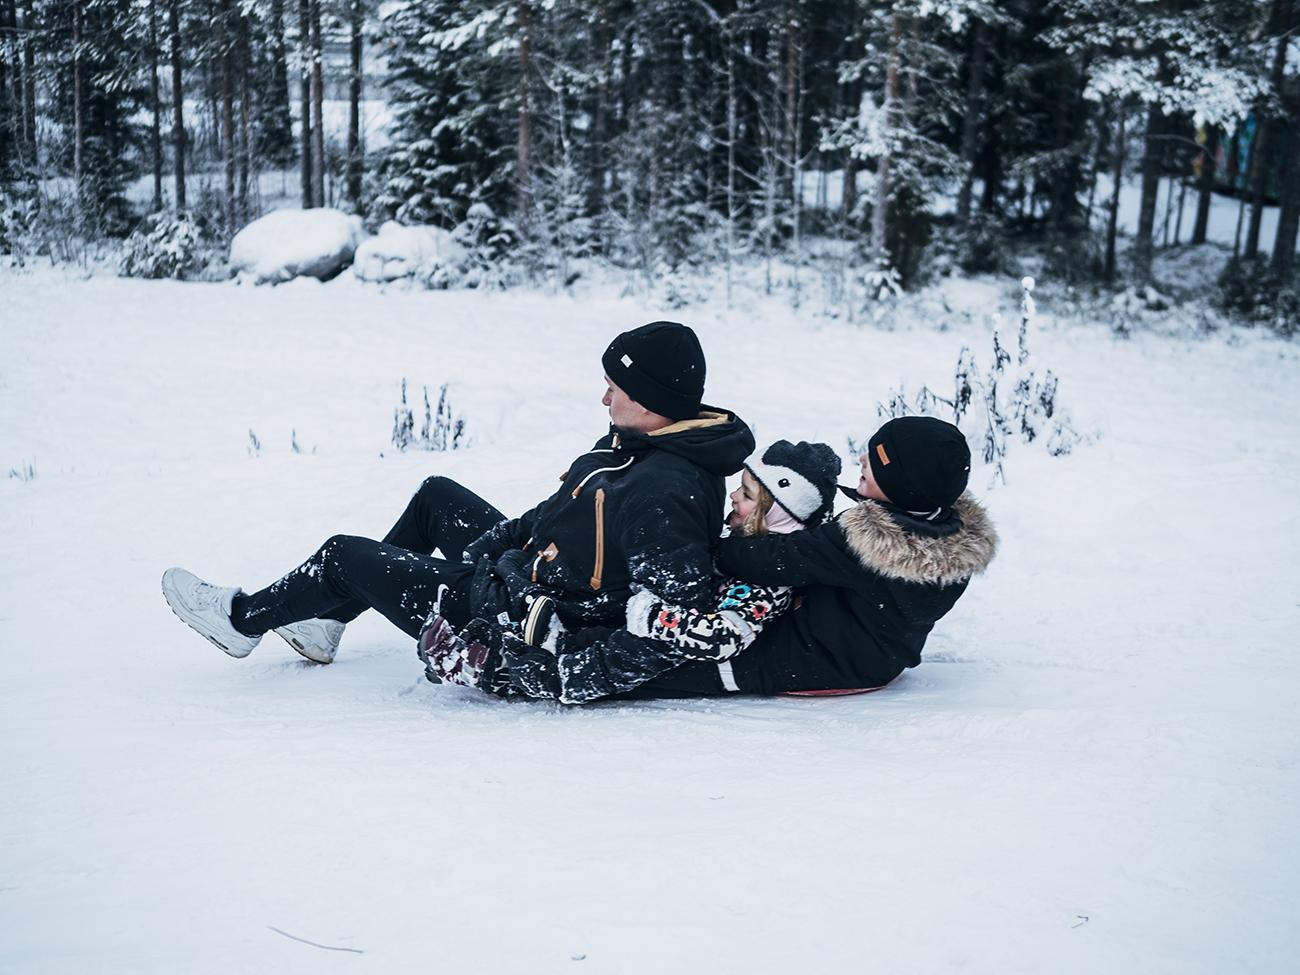 pulkkamäki10